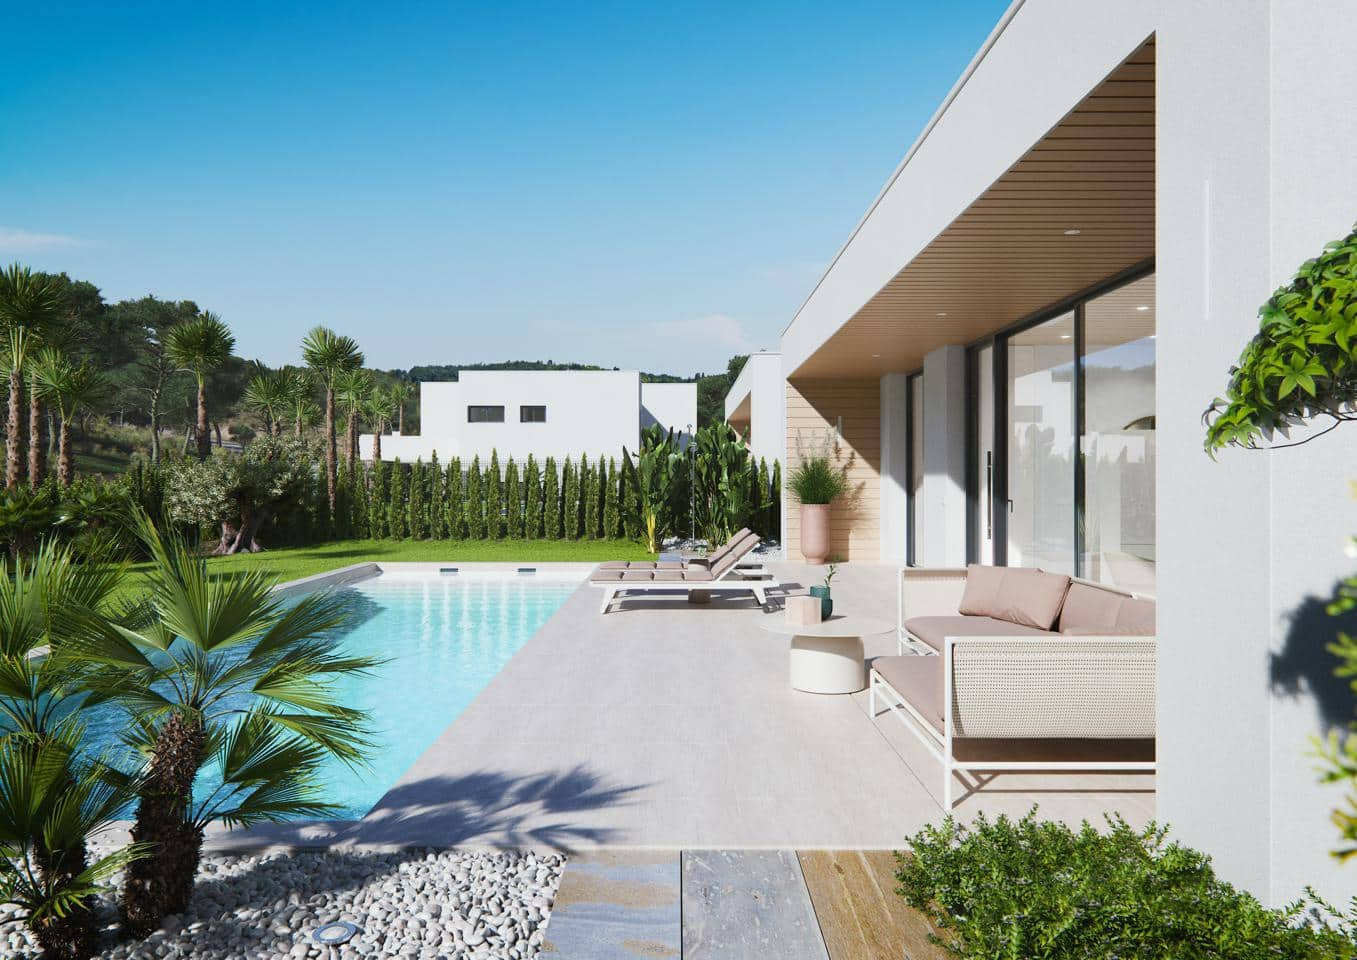 Chalet de 3 habitaciones en Las Colinas Golf en venta con piscina - 545.000 € (Ref: 4142769)